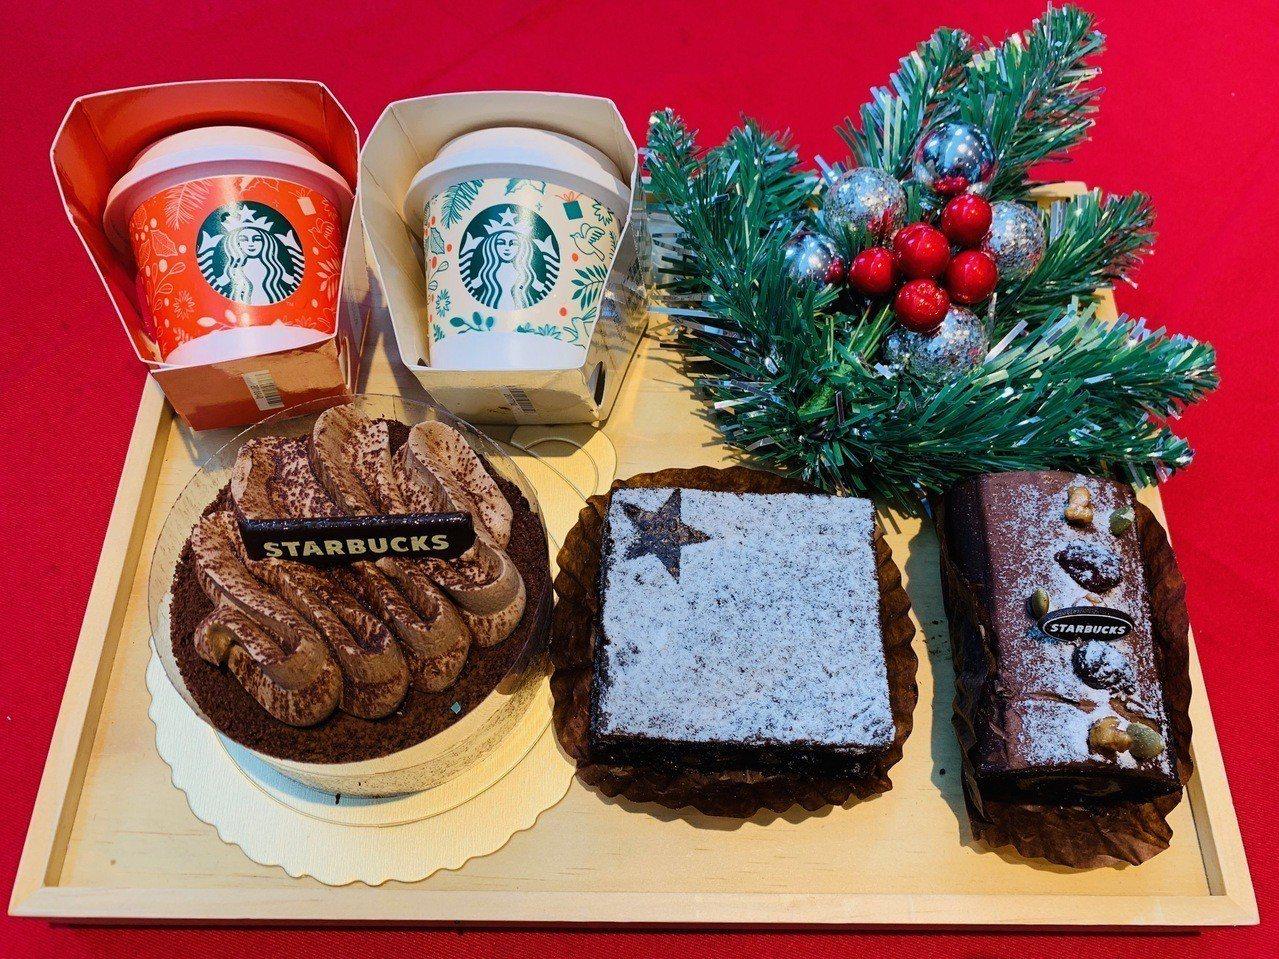 耶誕節限定甜點。記者張芳瑜/攝影